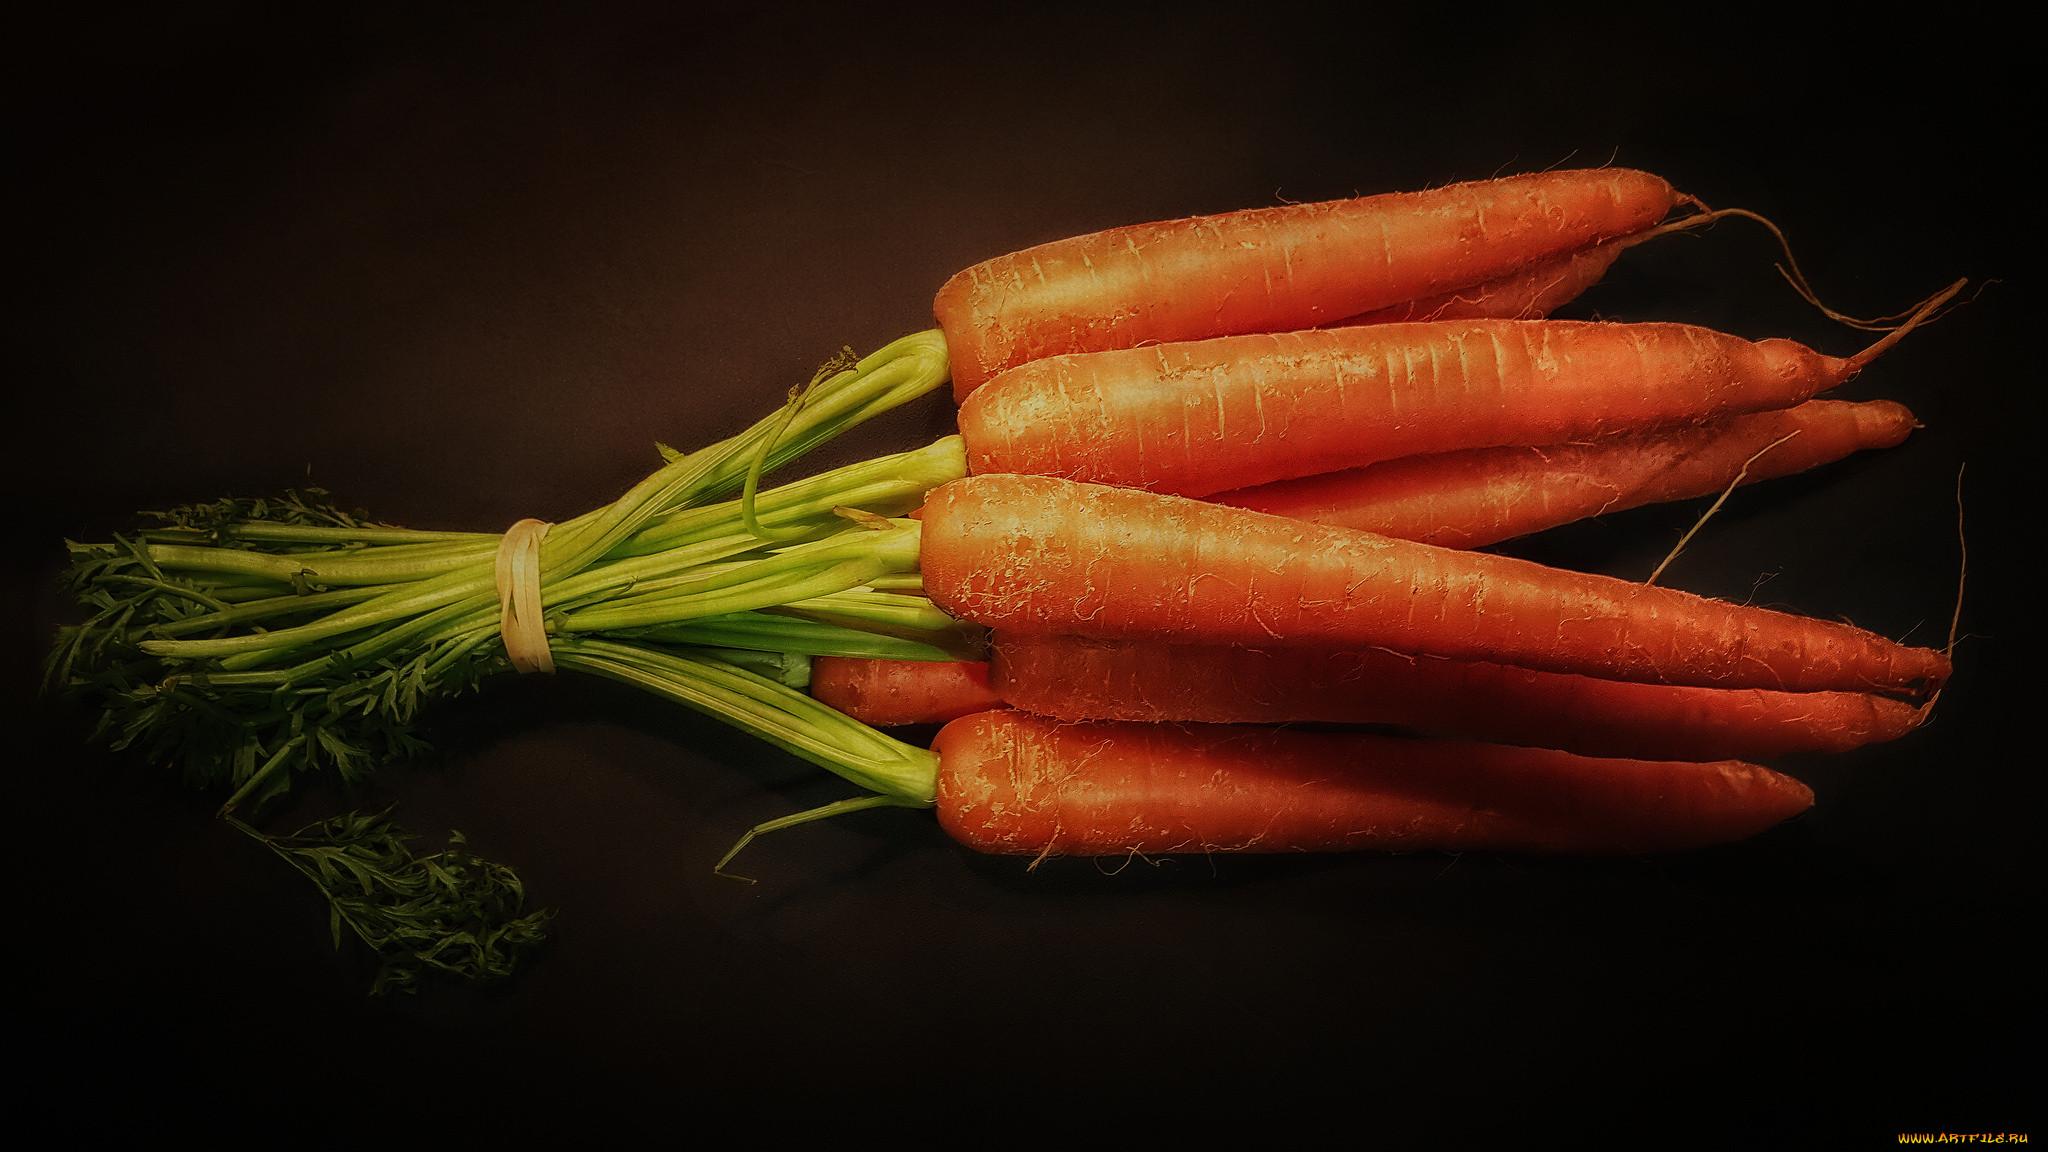 помощью этого морковь фото в хорошем качестве крупным планом жизни можете